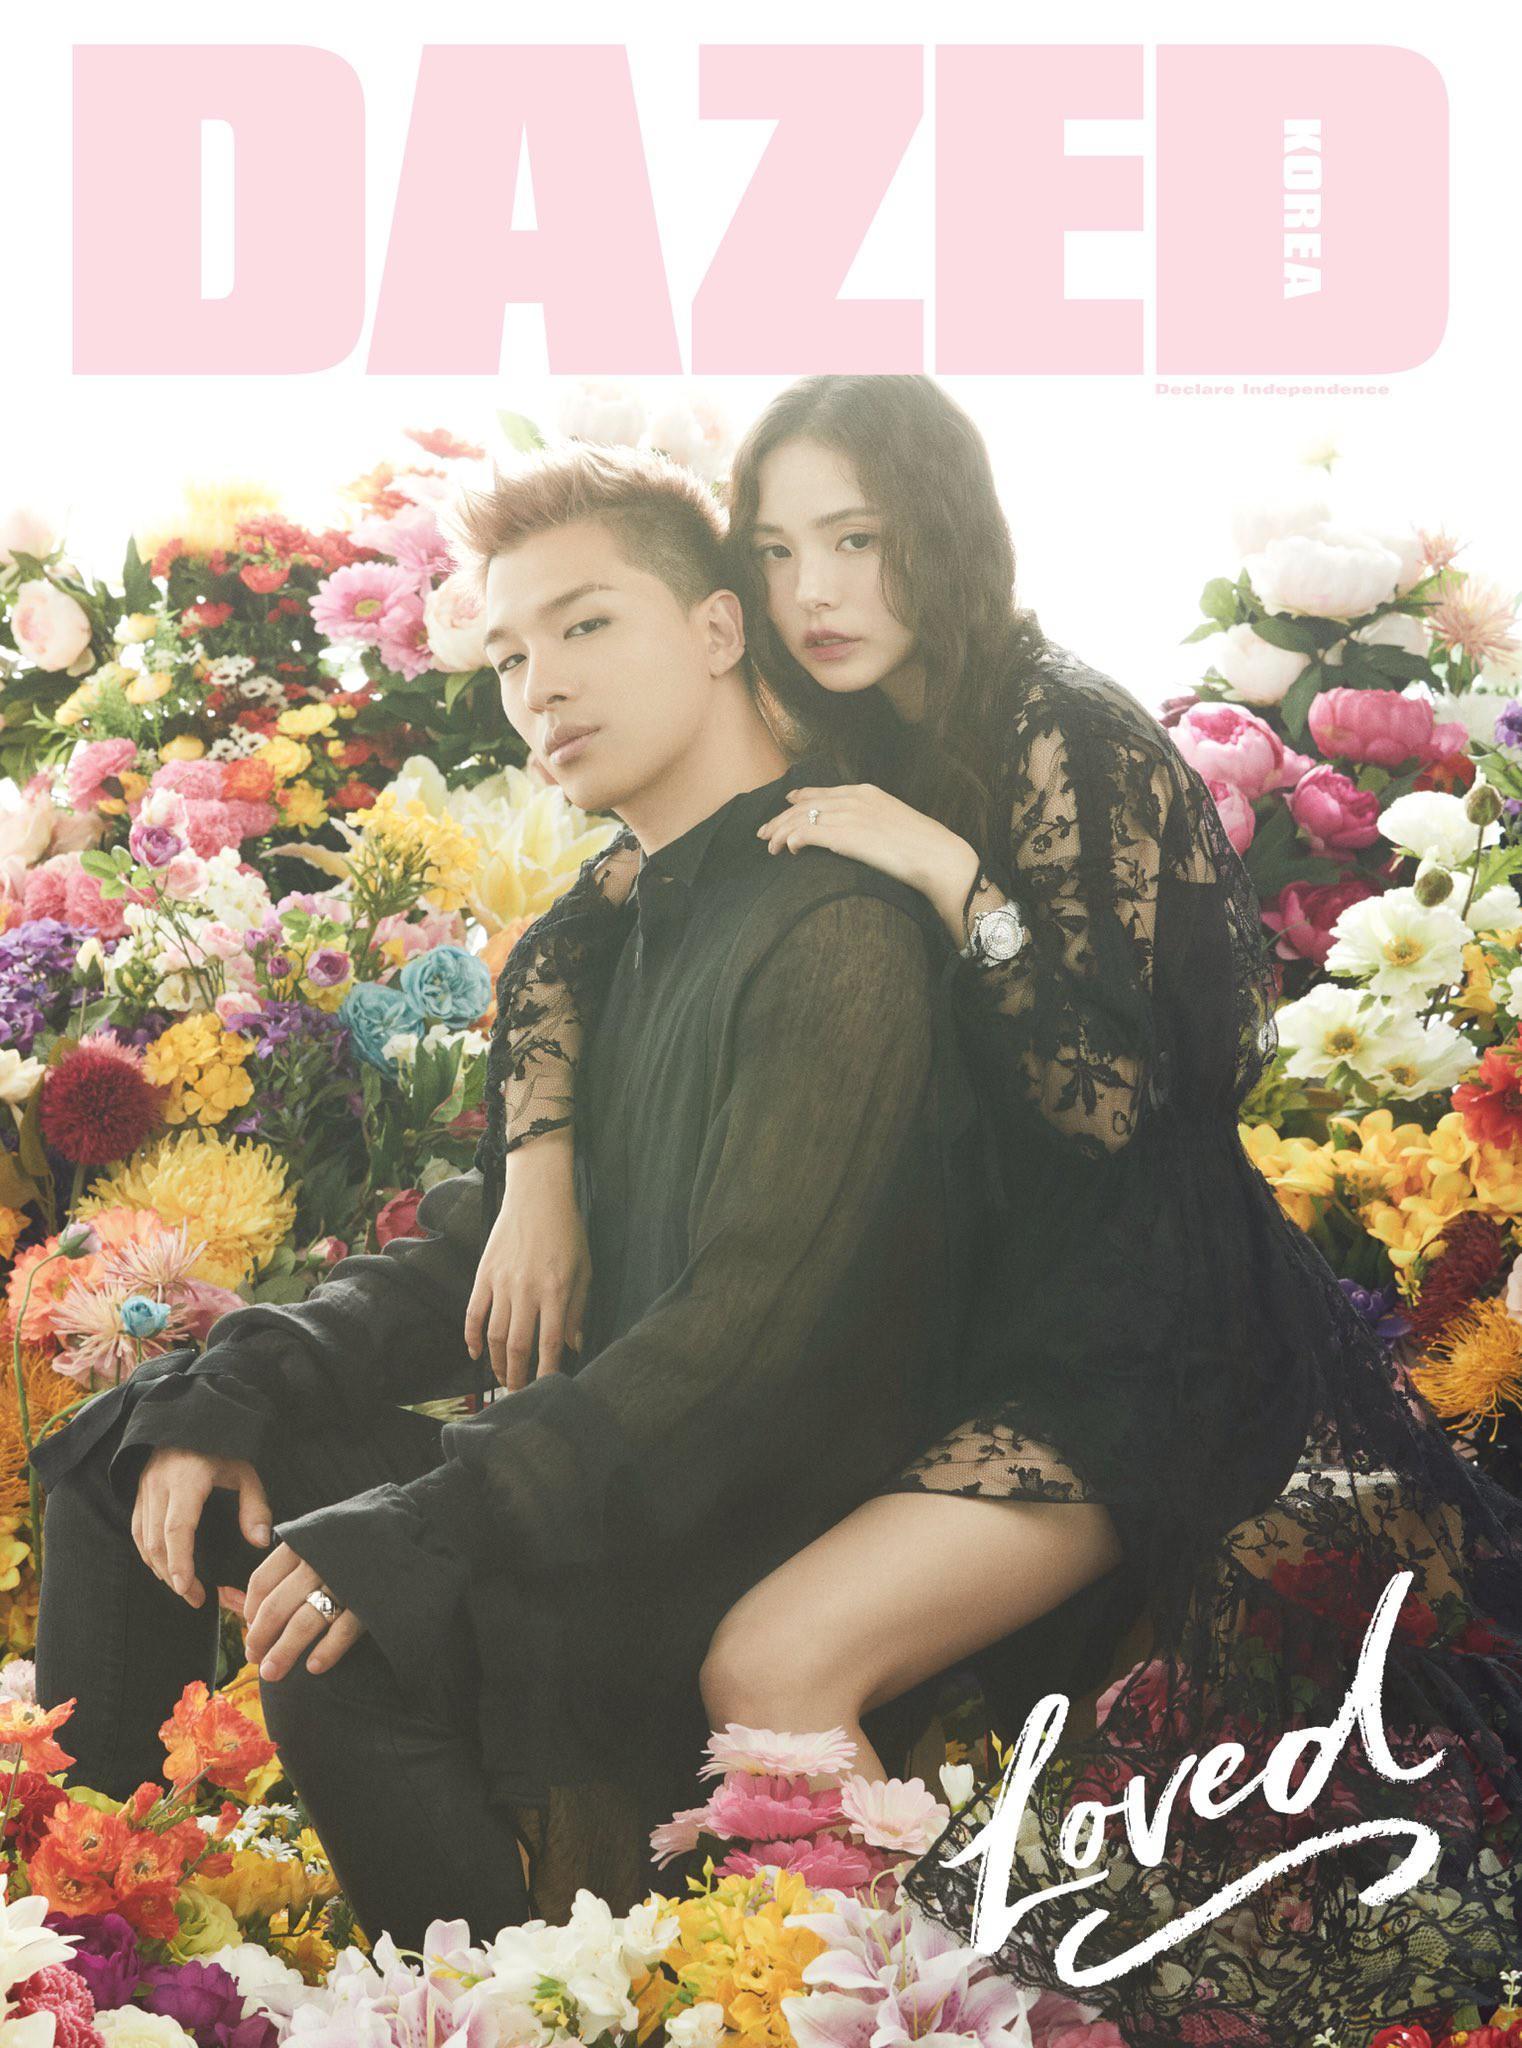 Đám cưới Big Bang Taeyang - Min Hyo Rin: Dàn sao khủng liên tục có mặt tại hôn lễ-1